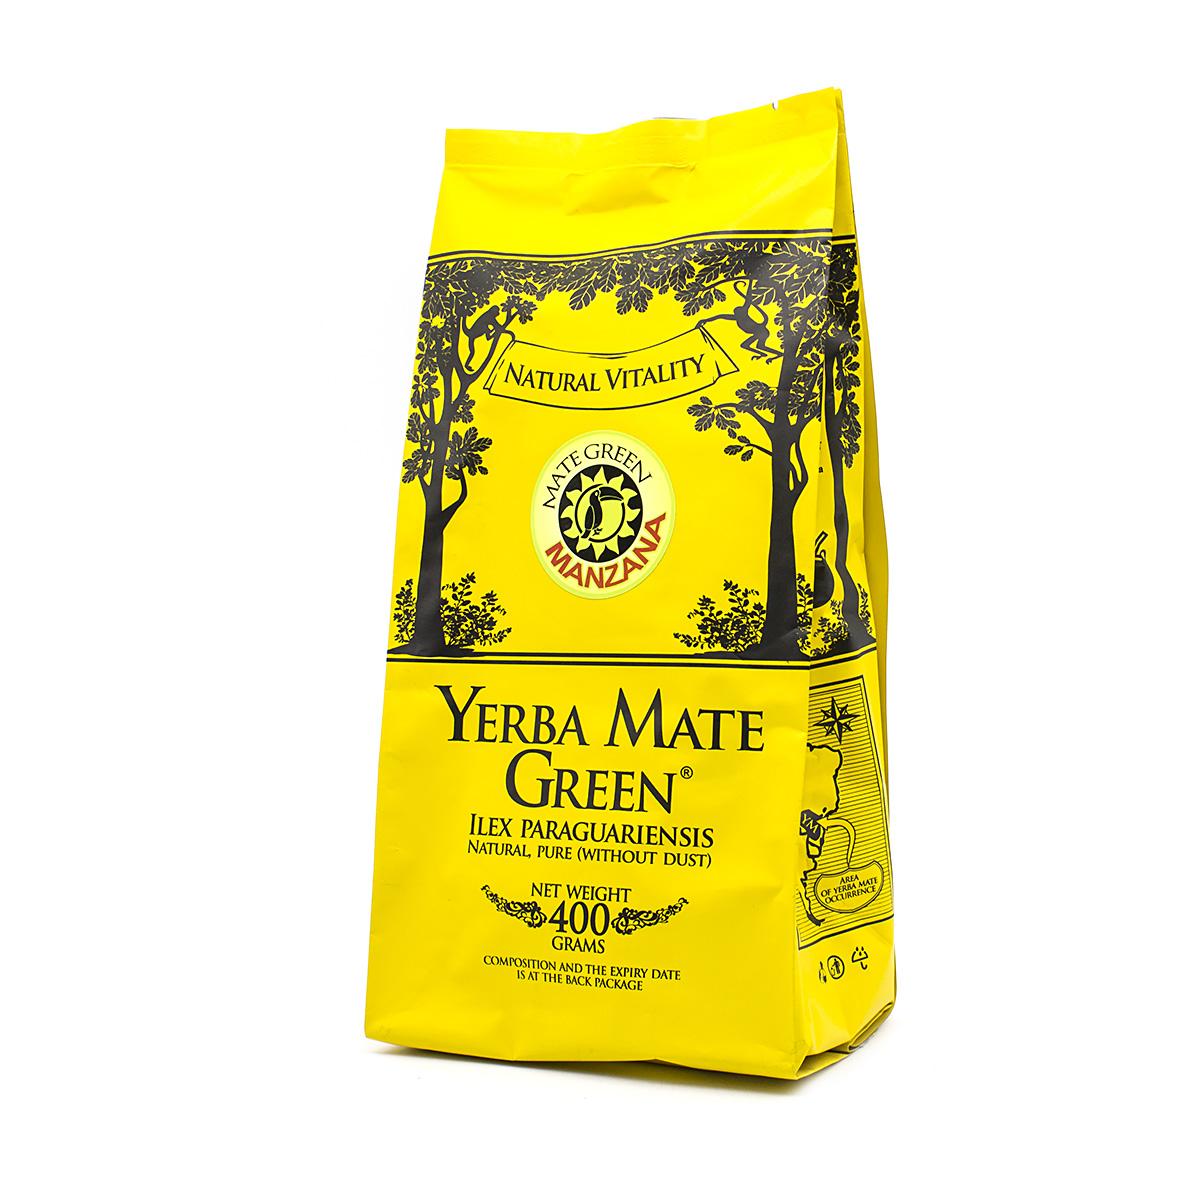 Мате Green Manzana (Яблоко), 400 г мате el pajaro silueta limon bio лимон 400 г